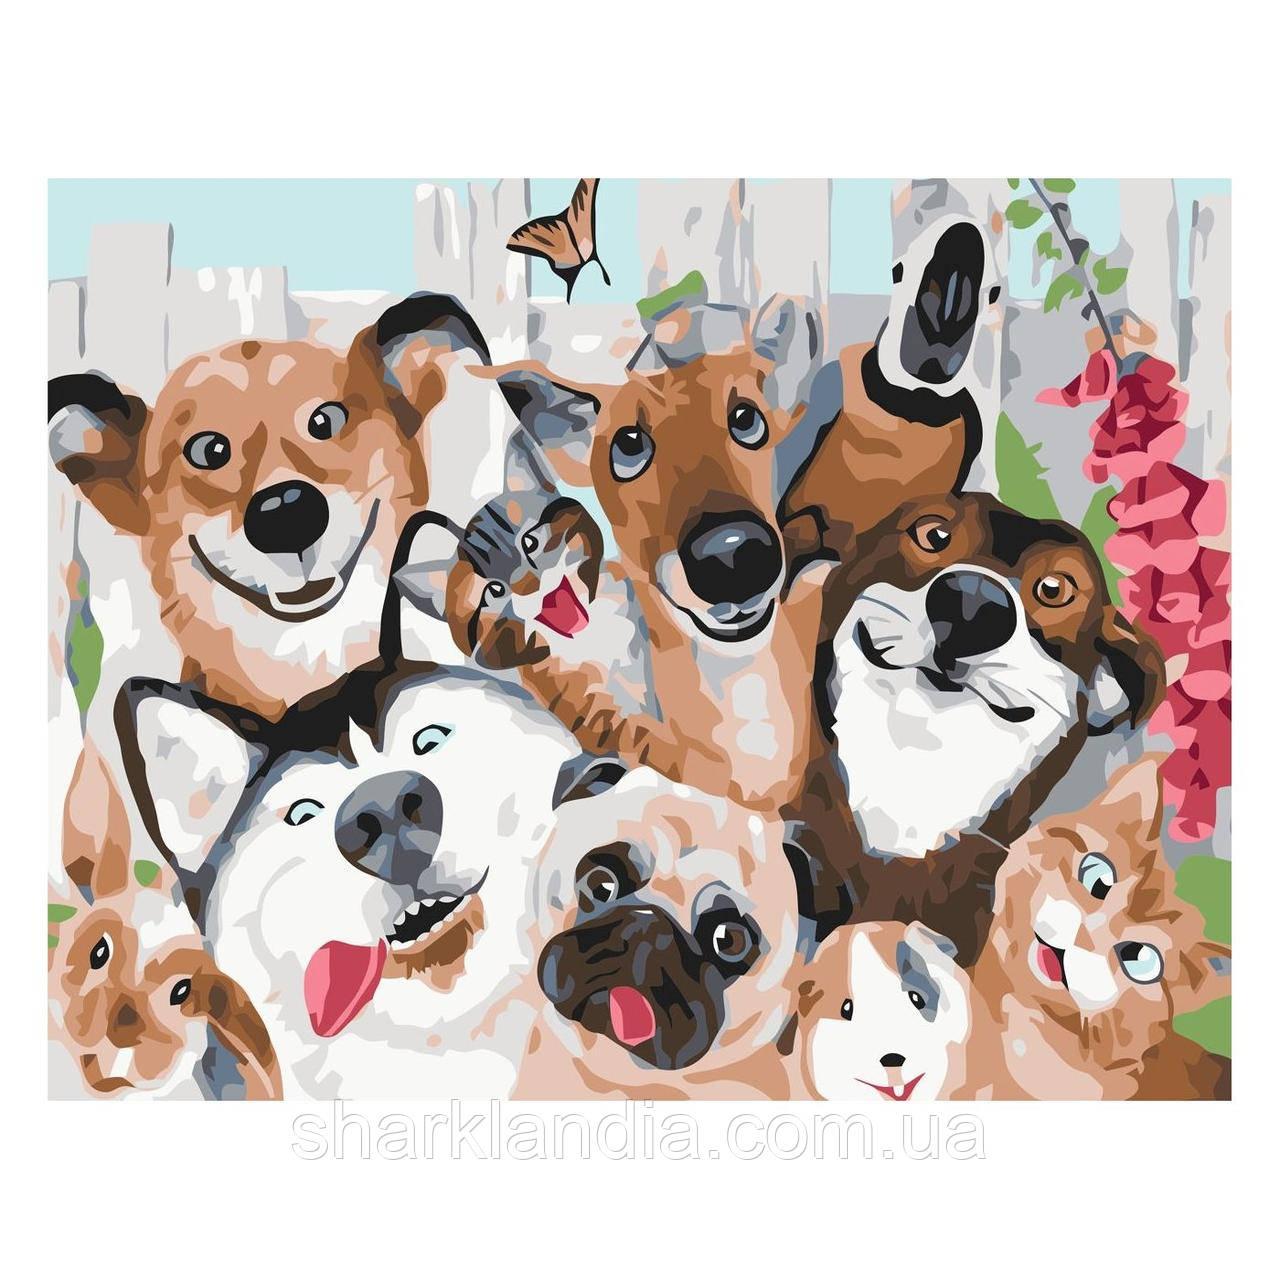 Картина по номерам Банда друзей 30х40 см Strateg Раскраски Для начинающих Прикольные